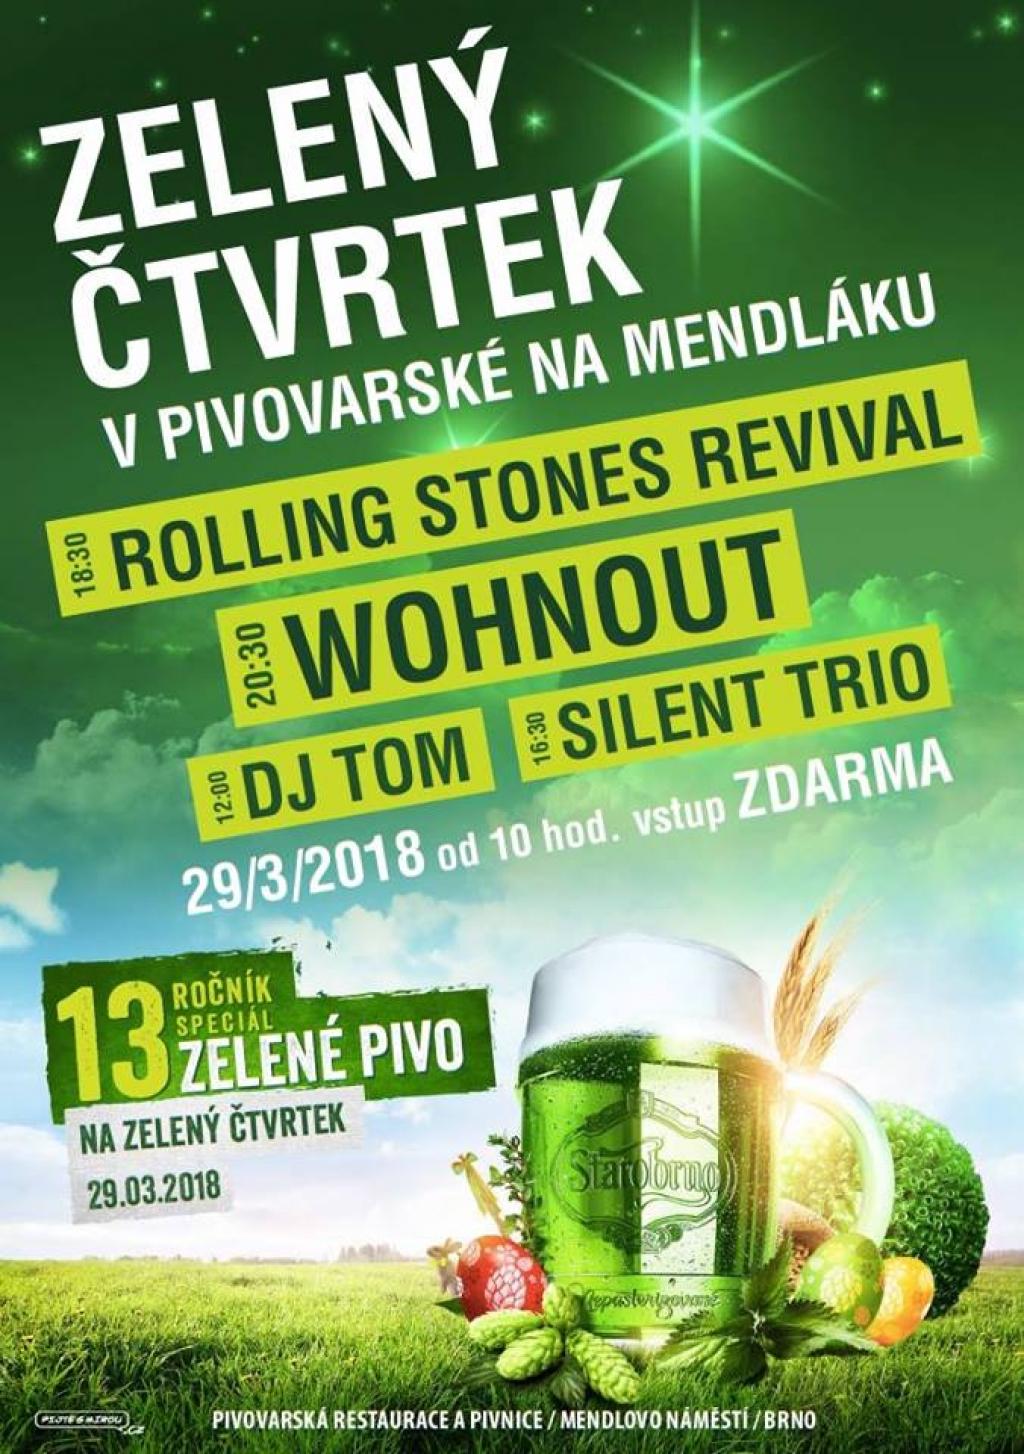 Zelený čtvrtek v Pivovarské na Mendláku 2018